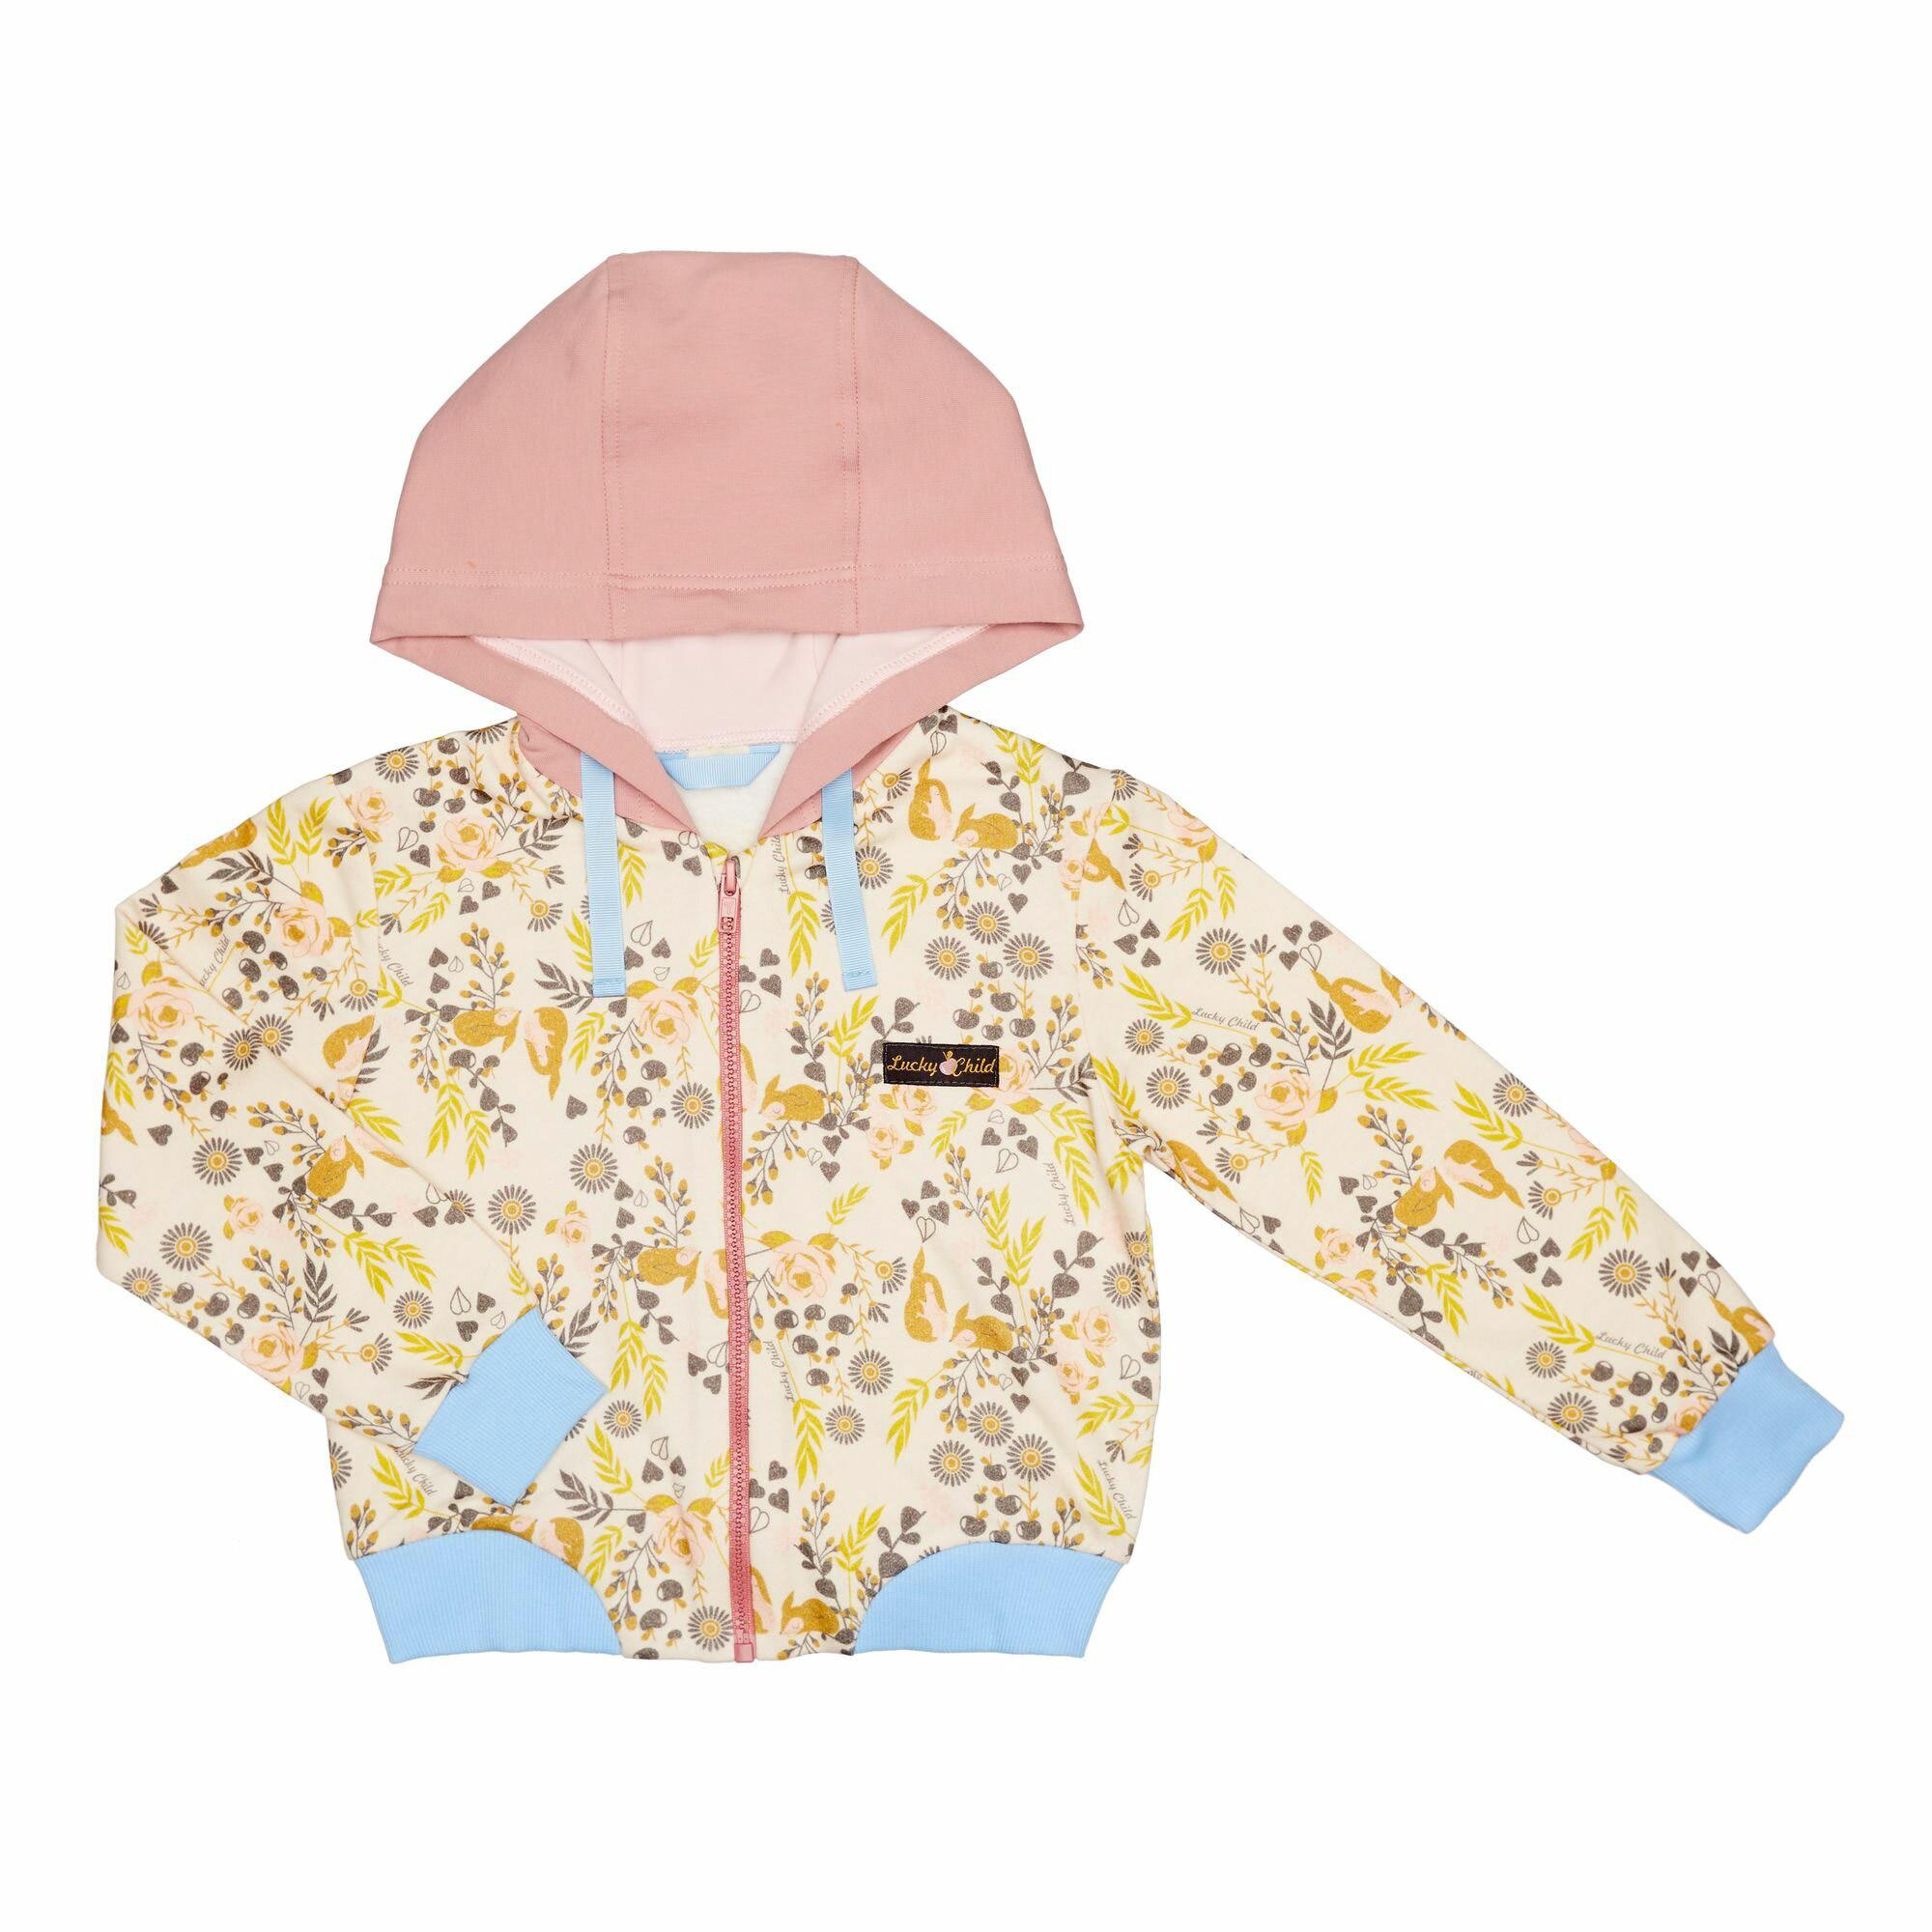 Купить Куртка Lucky Child Осенний лес цветная 122-128, Разноцветный, Для девочек, Осень-Зима,